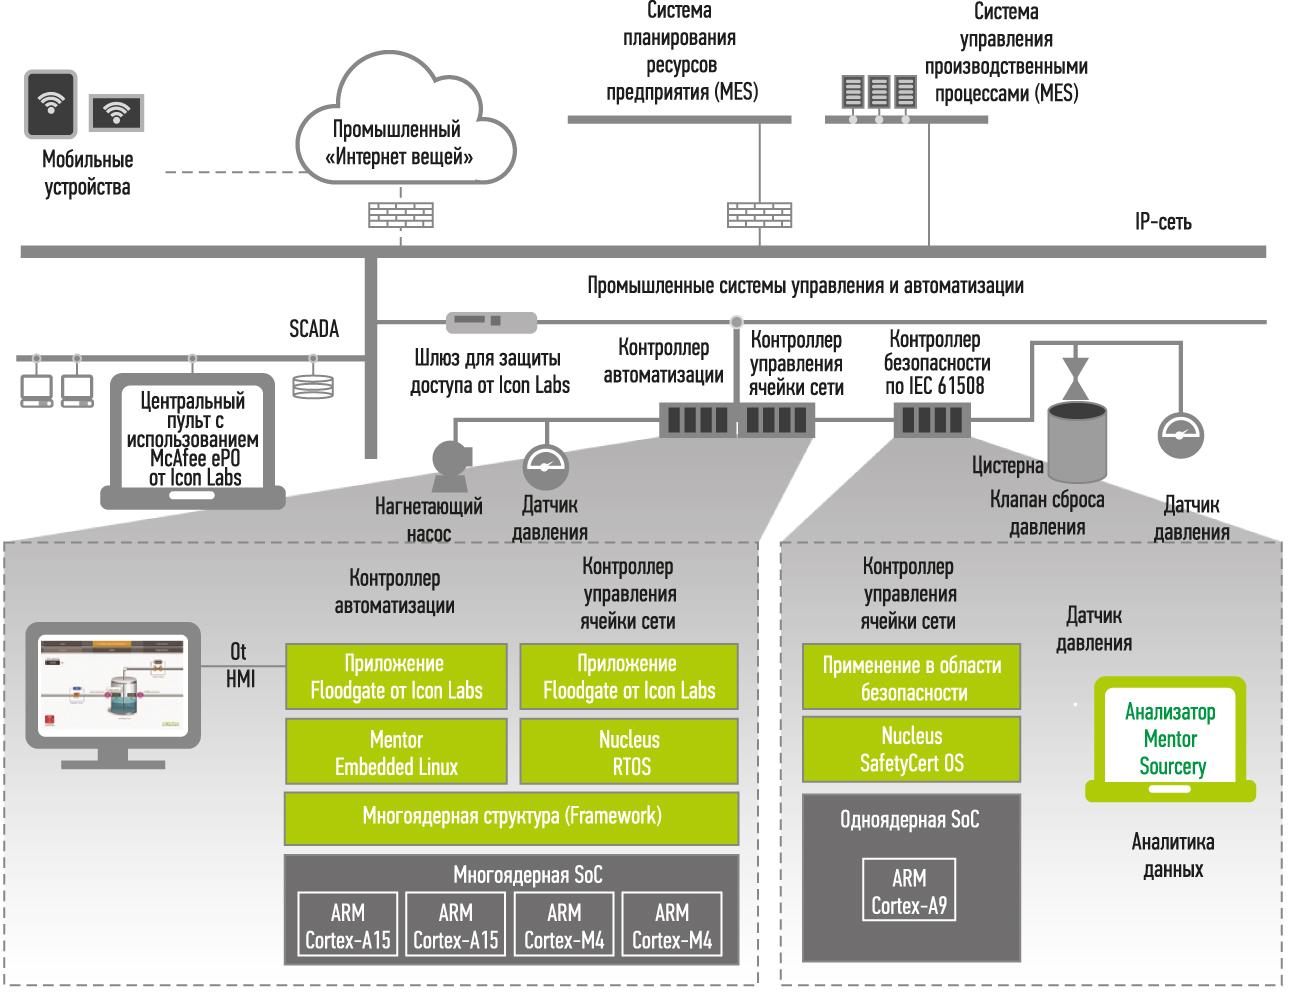 Реализация многоплатформенного подхода с помощью решений Mentor